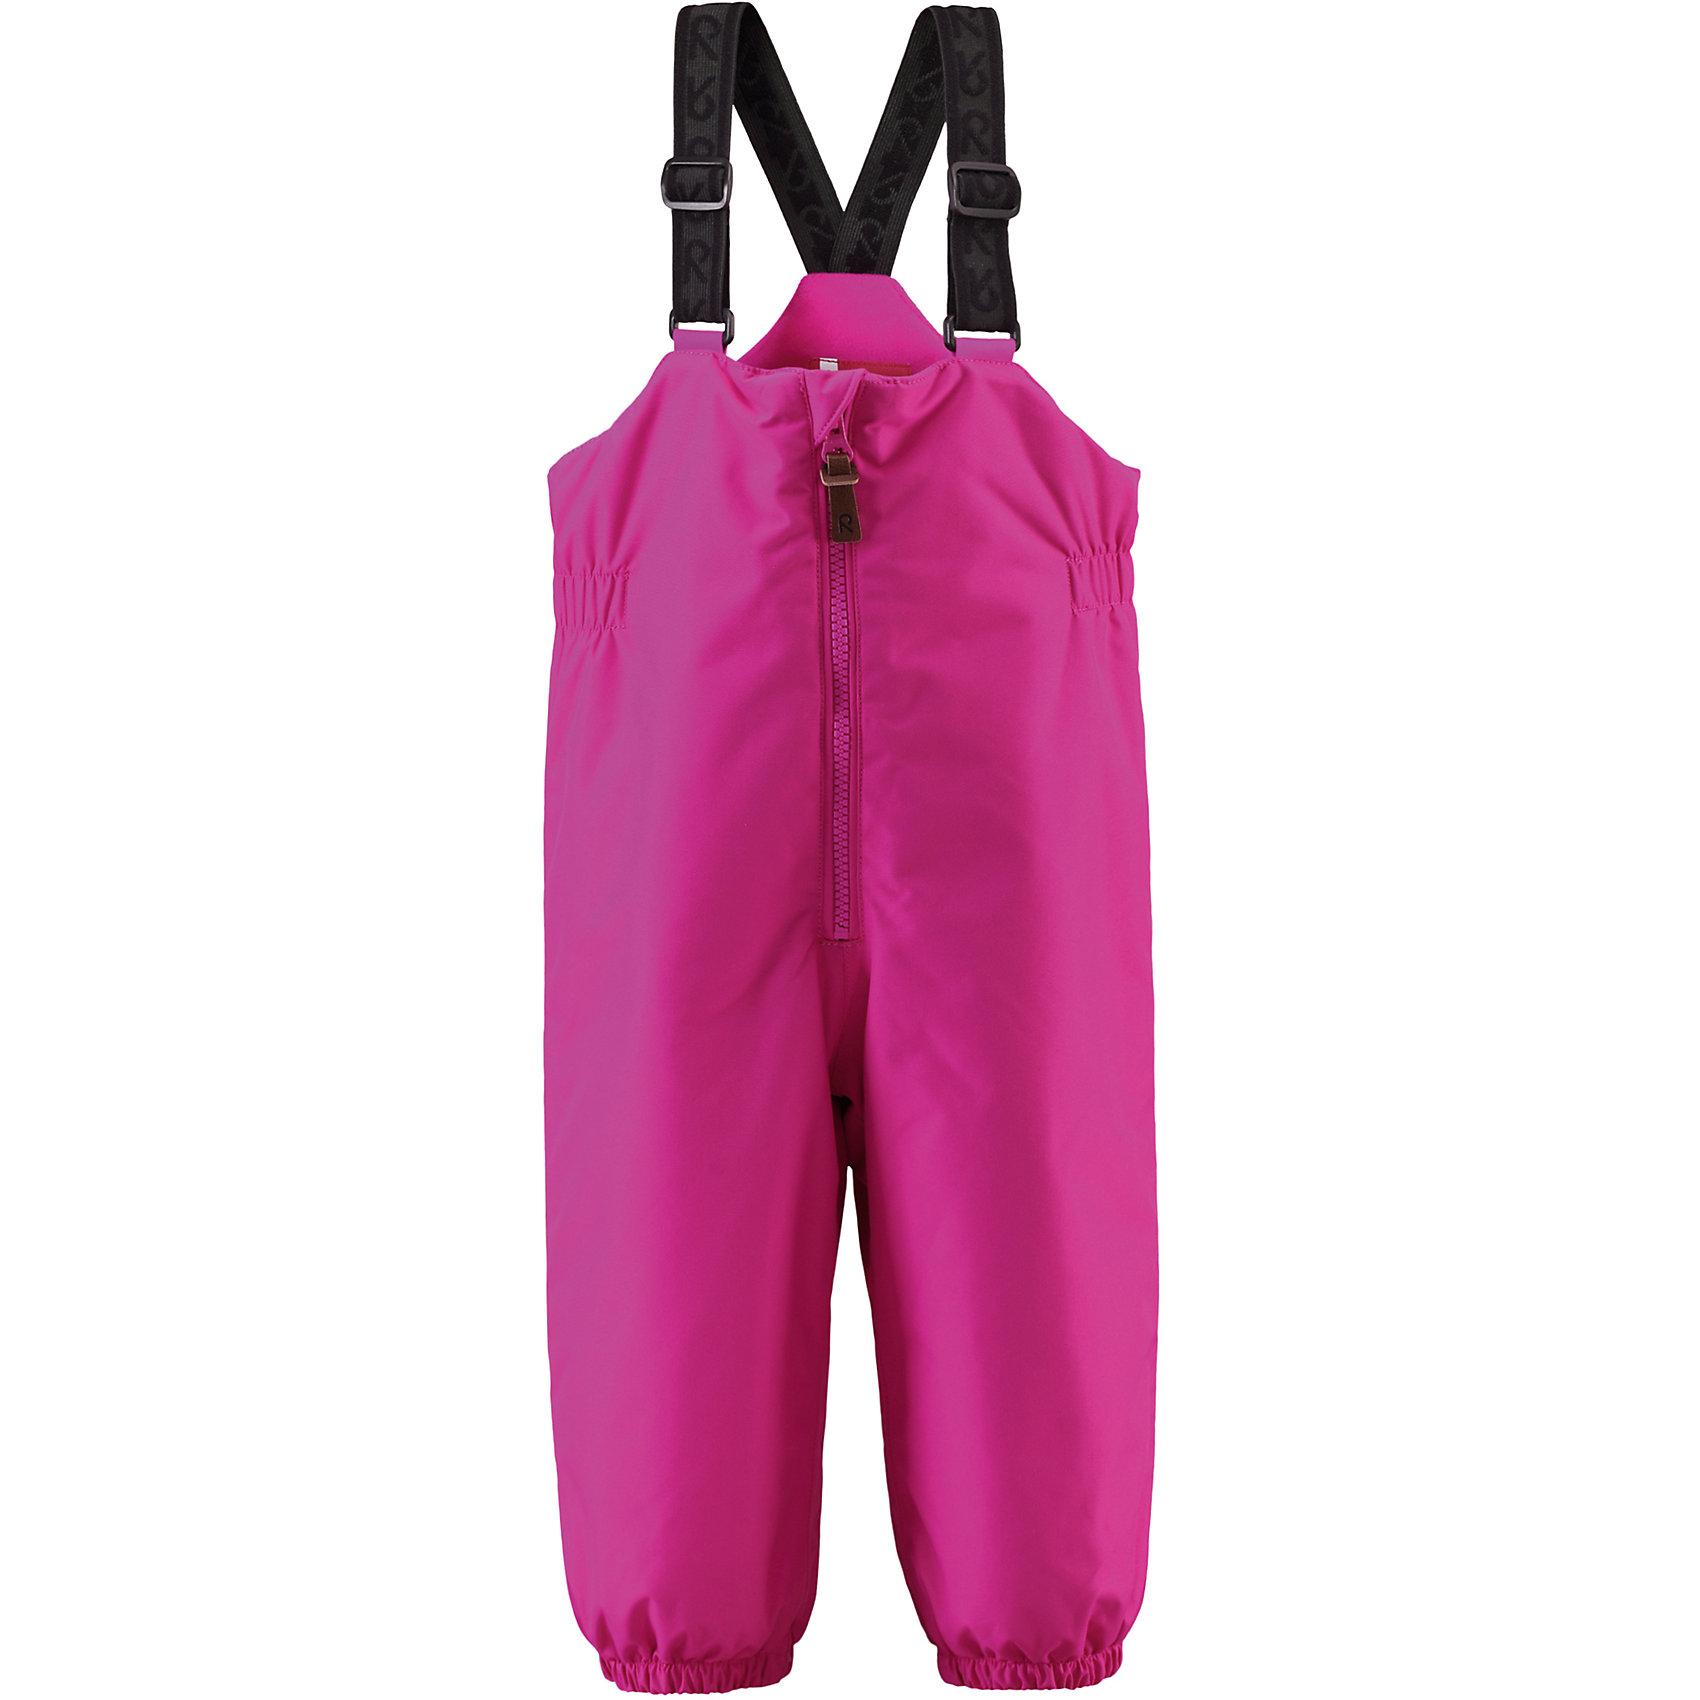 Брюки Matias для девочки ReimaОдежда<br>Брюки  Reima<br>Зимние брюки для малышей. Основные швы проклеены и не пропускают влагу. Водо- и ветронепроницаемый, «дышащий» и грязеотталкивающий материал. Утепленная задняя часть изделия. Гладкая подкладка из полиэстра. Высокая талия с регулируемыми подтяжками. Съемные эластичные штрипки. Длинная молния для легкого одевания. Безопасные светоотражающие детали.<br>Утеплитель: Reima® Comfortinsulation,140 g<br>Уход:<br>Стирать по отдельности, вывернув наизнанку. Застегнуть молнии и липучки. Стирать моющим средством, не содержащим отбеливающие вещества. Полоскать без специального средства. Во избежание изменения цвета изделие необходимо вынуть из стиральной машинки незамедлительно после окончания программы стирки. Сушить при низкой температуре.<br>Состав:<br>100% Полиамид, полиуретановое покрытие<br><br>Ширина мм: 215<br>Глубина мм: 88<br>Высота мм: 191<br>Вес г: 336<br>Цвет: розовый<br>Возраст от месяцев: 9<br>Возраст до месяцев: 12<br>Пол: Женский<br>Возраст: Детский<br>Размер: 80,98,86,92<br>SKU: 4779561